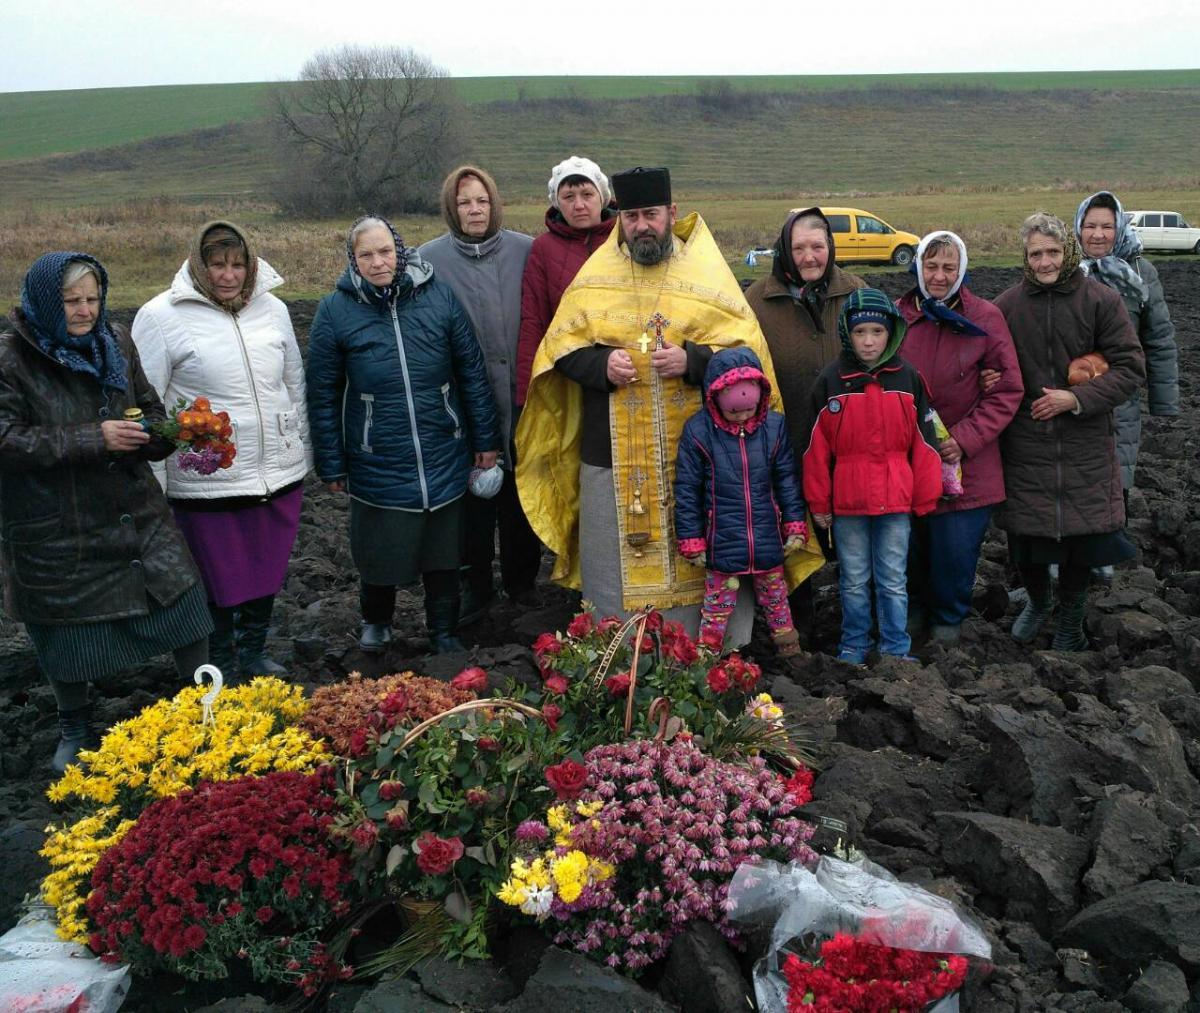 В Винницкой области состоялась панихида по погибшим в авиакатастрофе летчикам